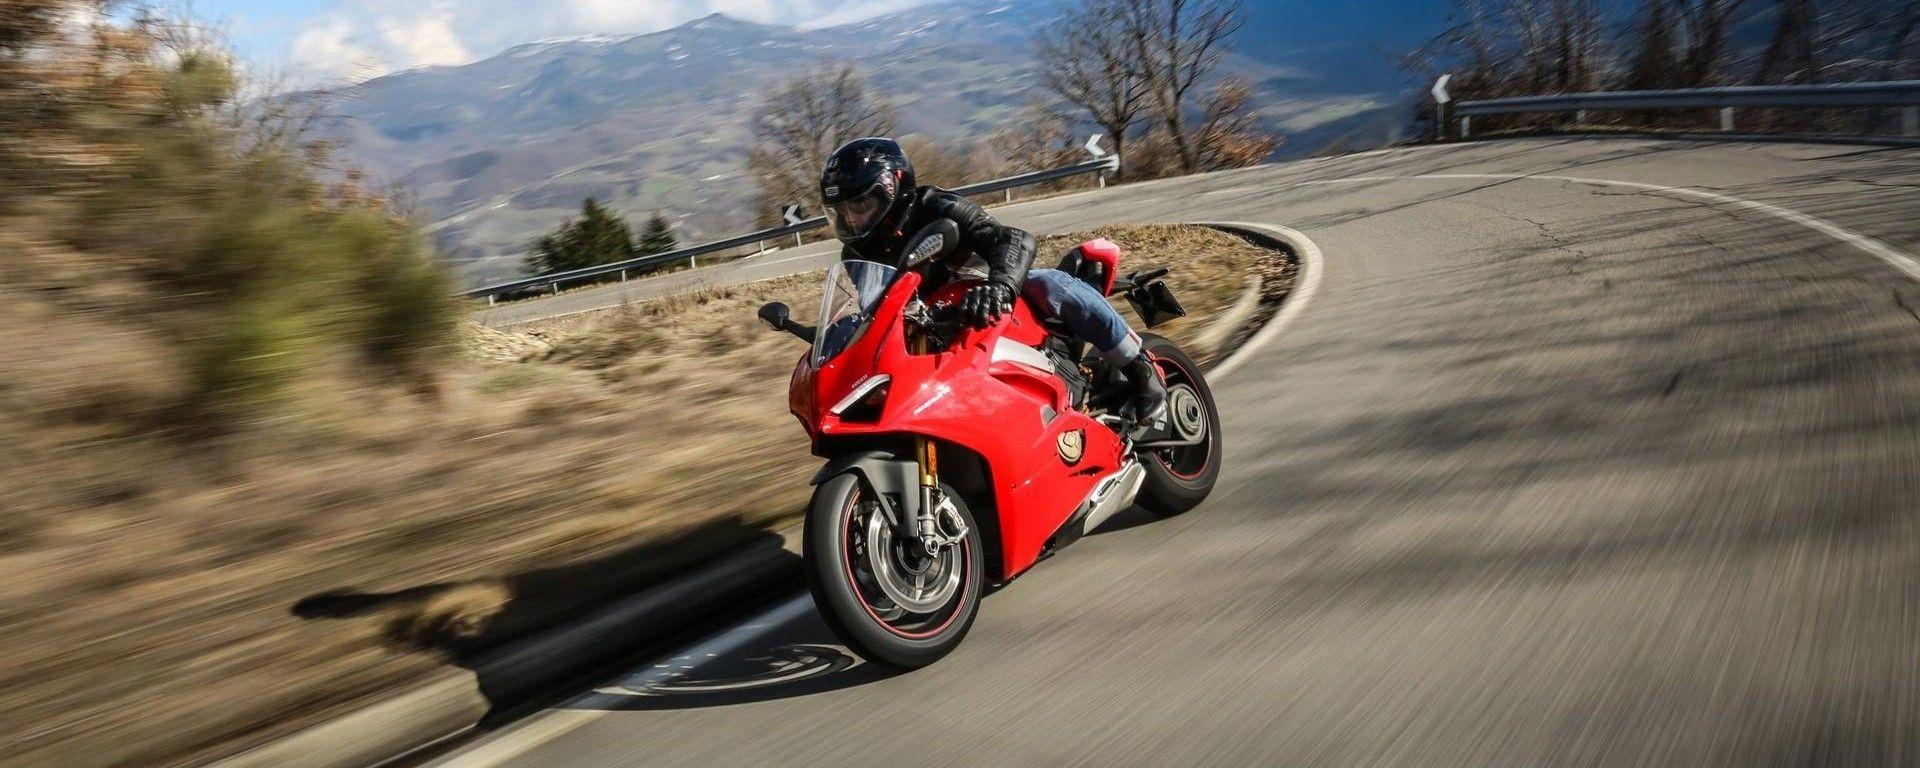 Ducati Panigale V4 migliore moto dell'anno secondo Autotrader